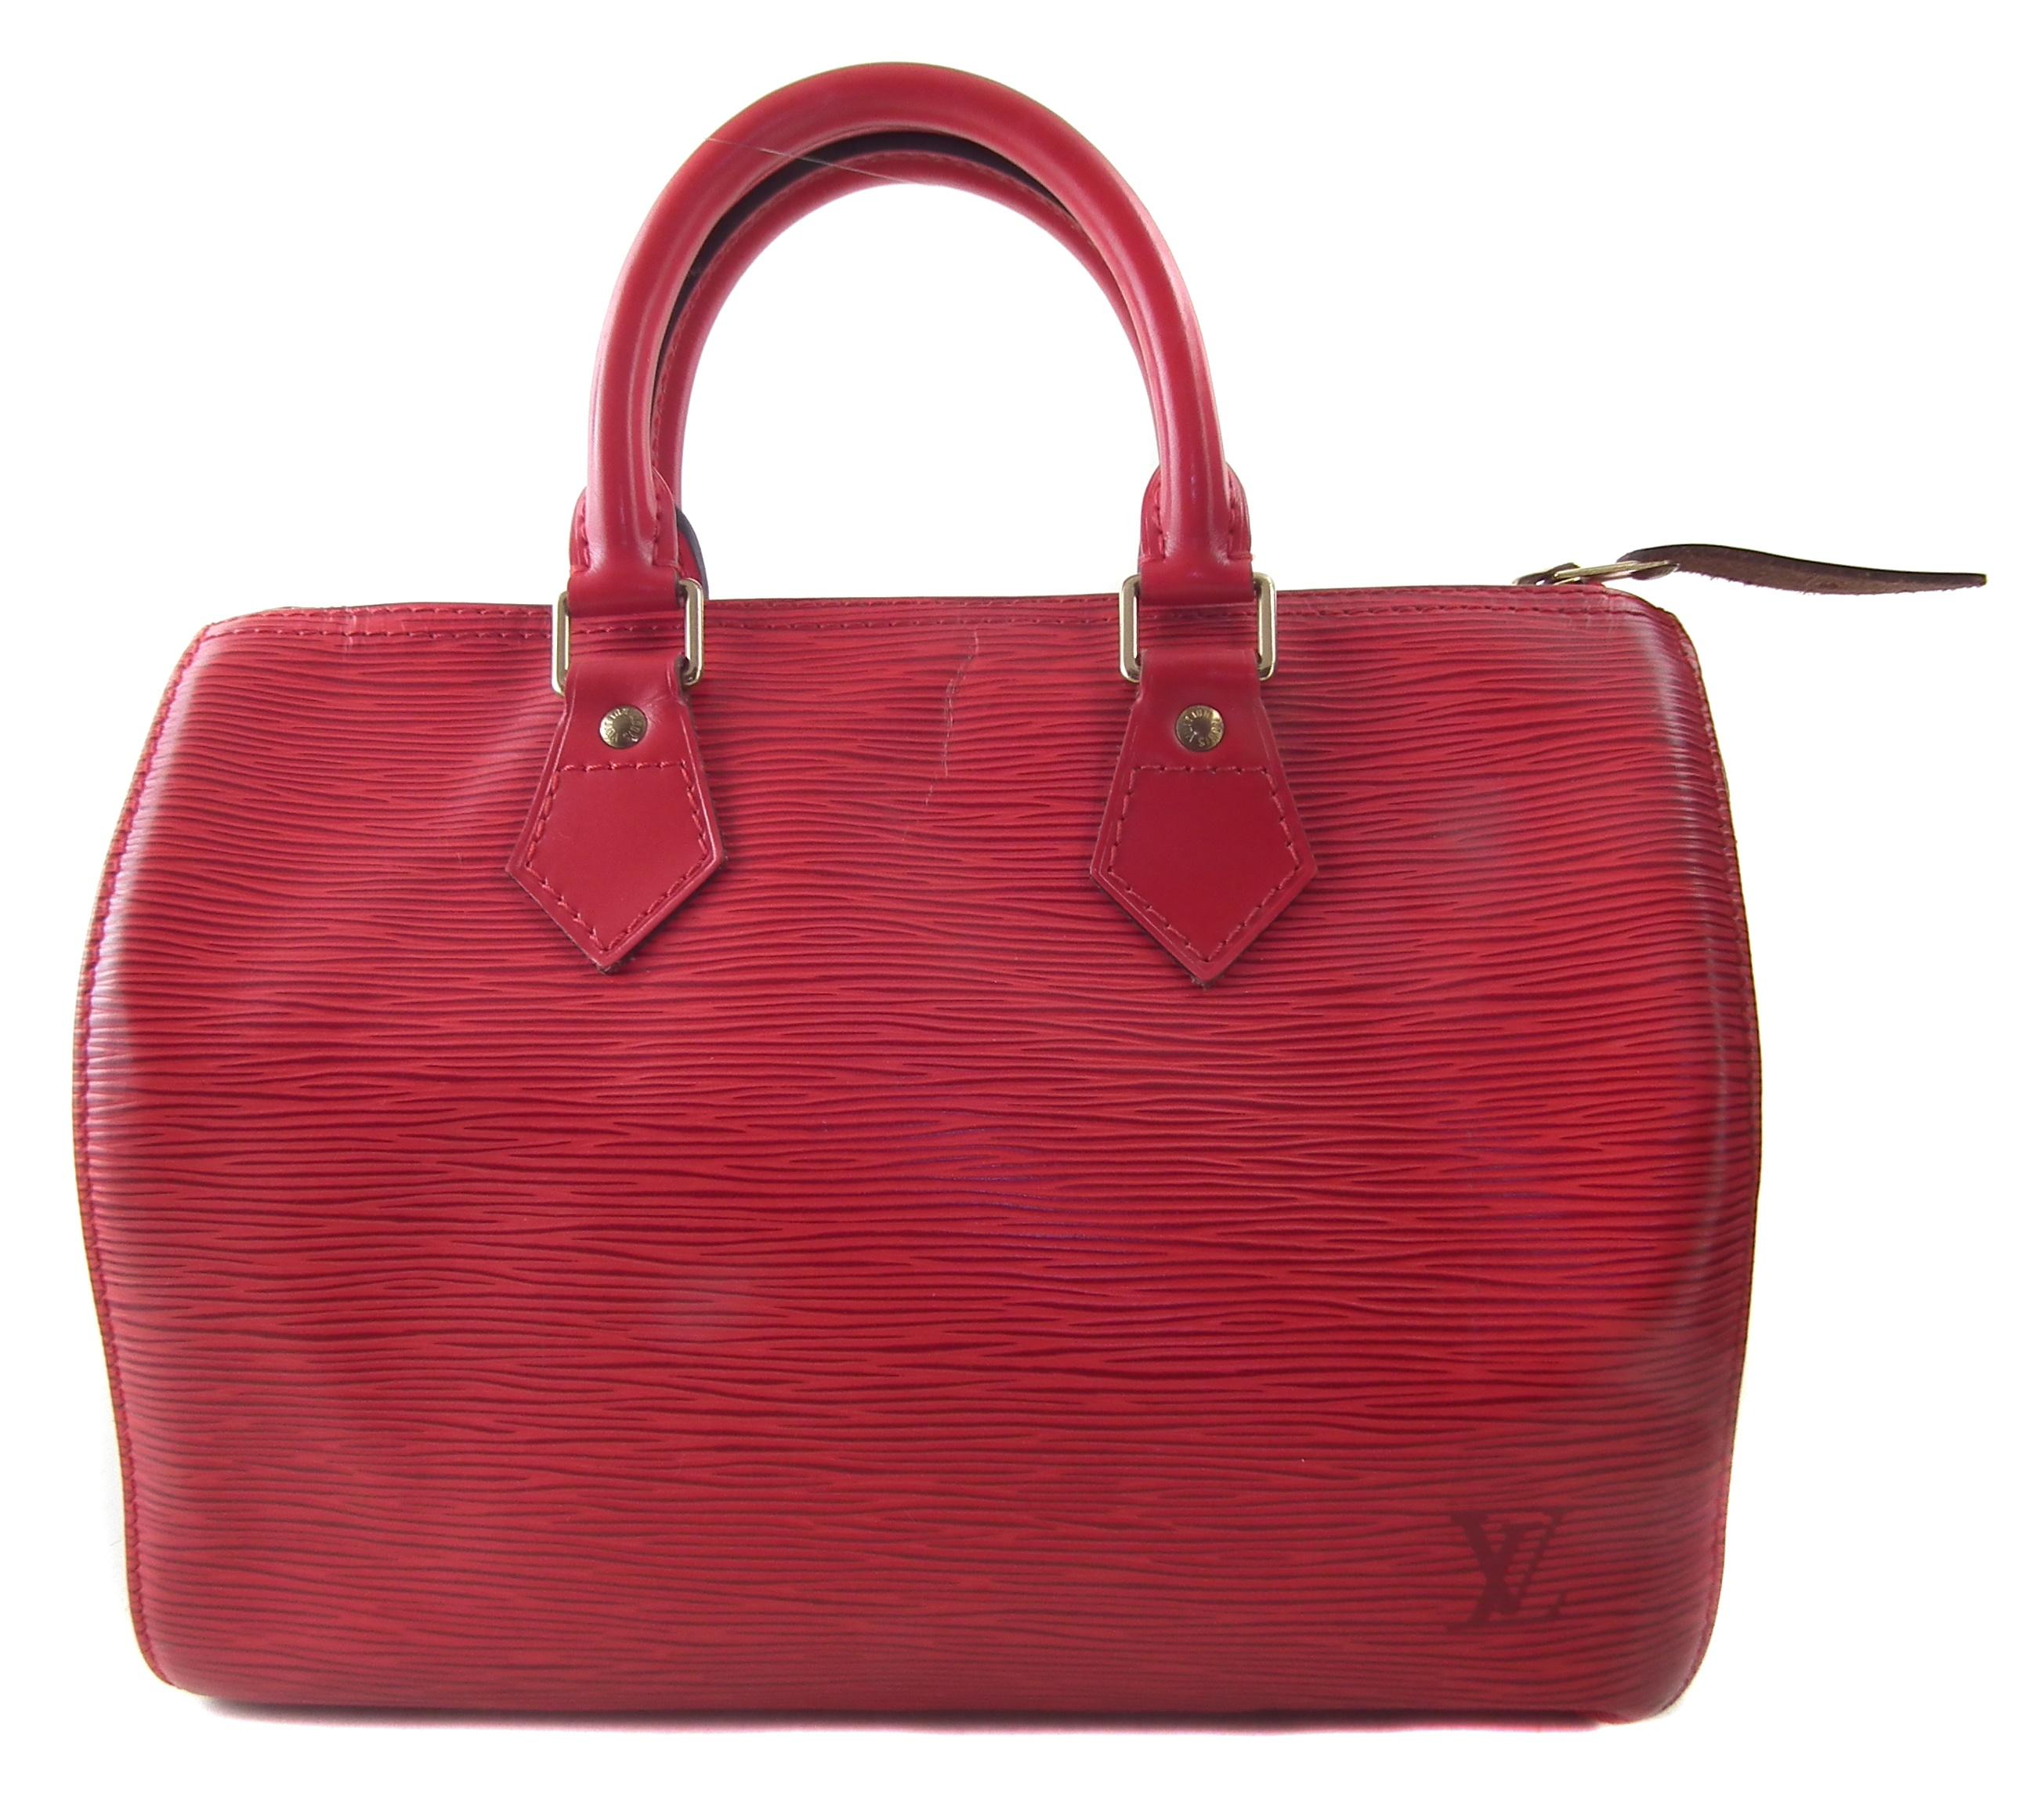 A Louis Vuitton red Epi Speedy 25 handbag